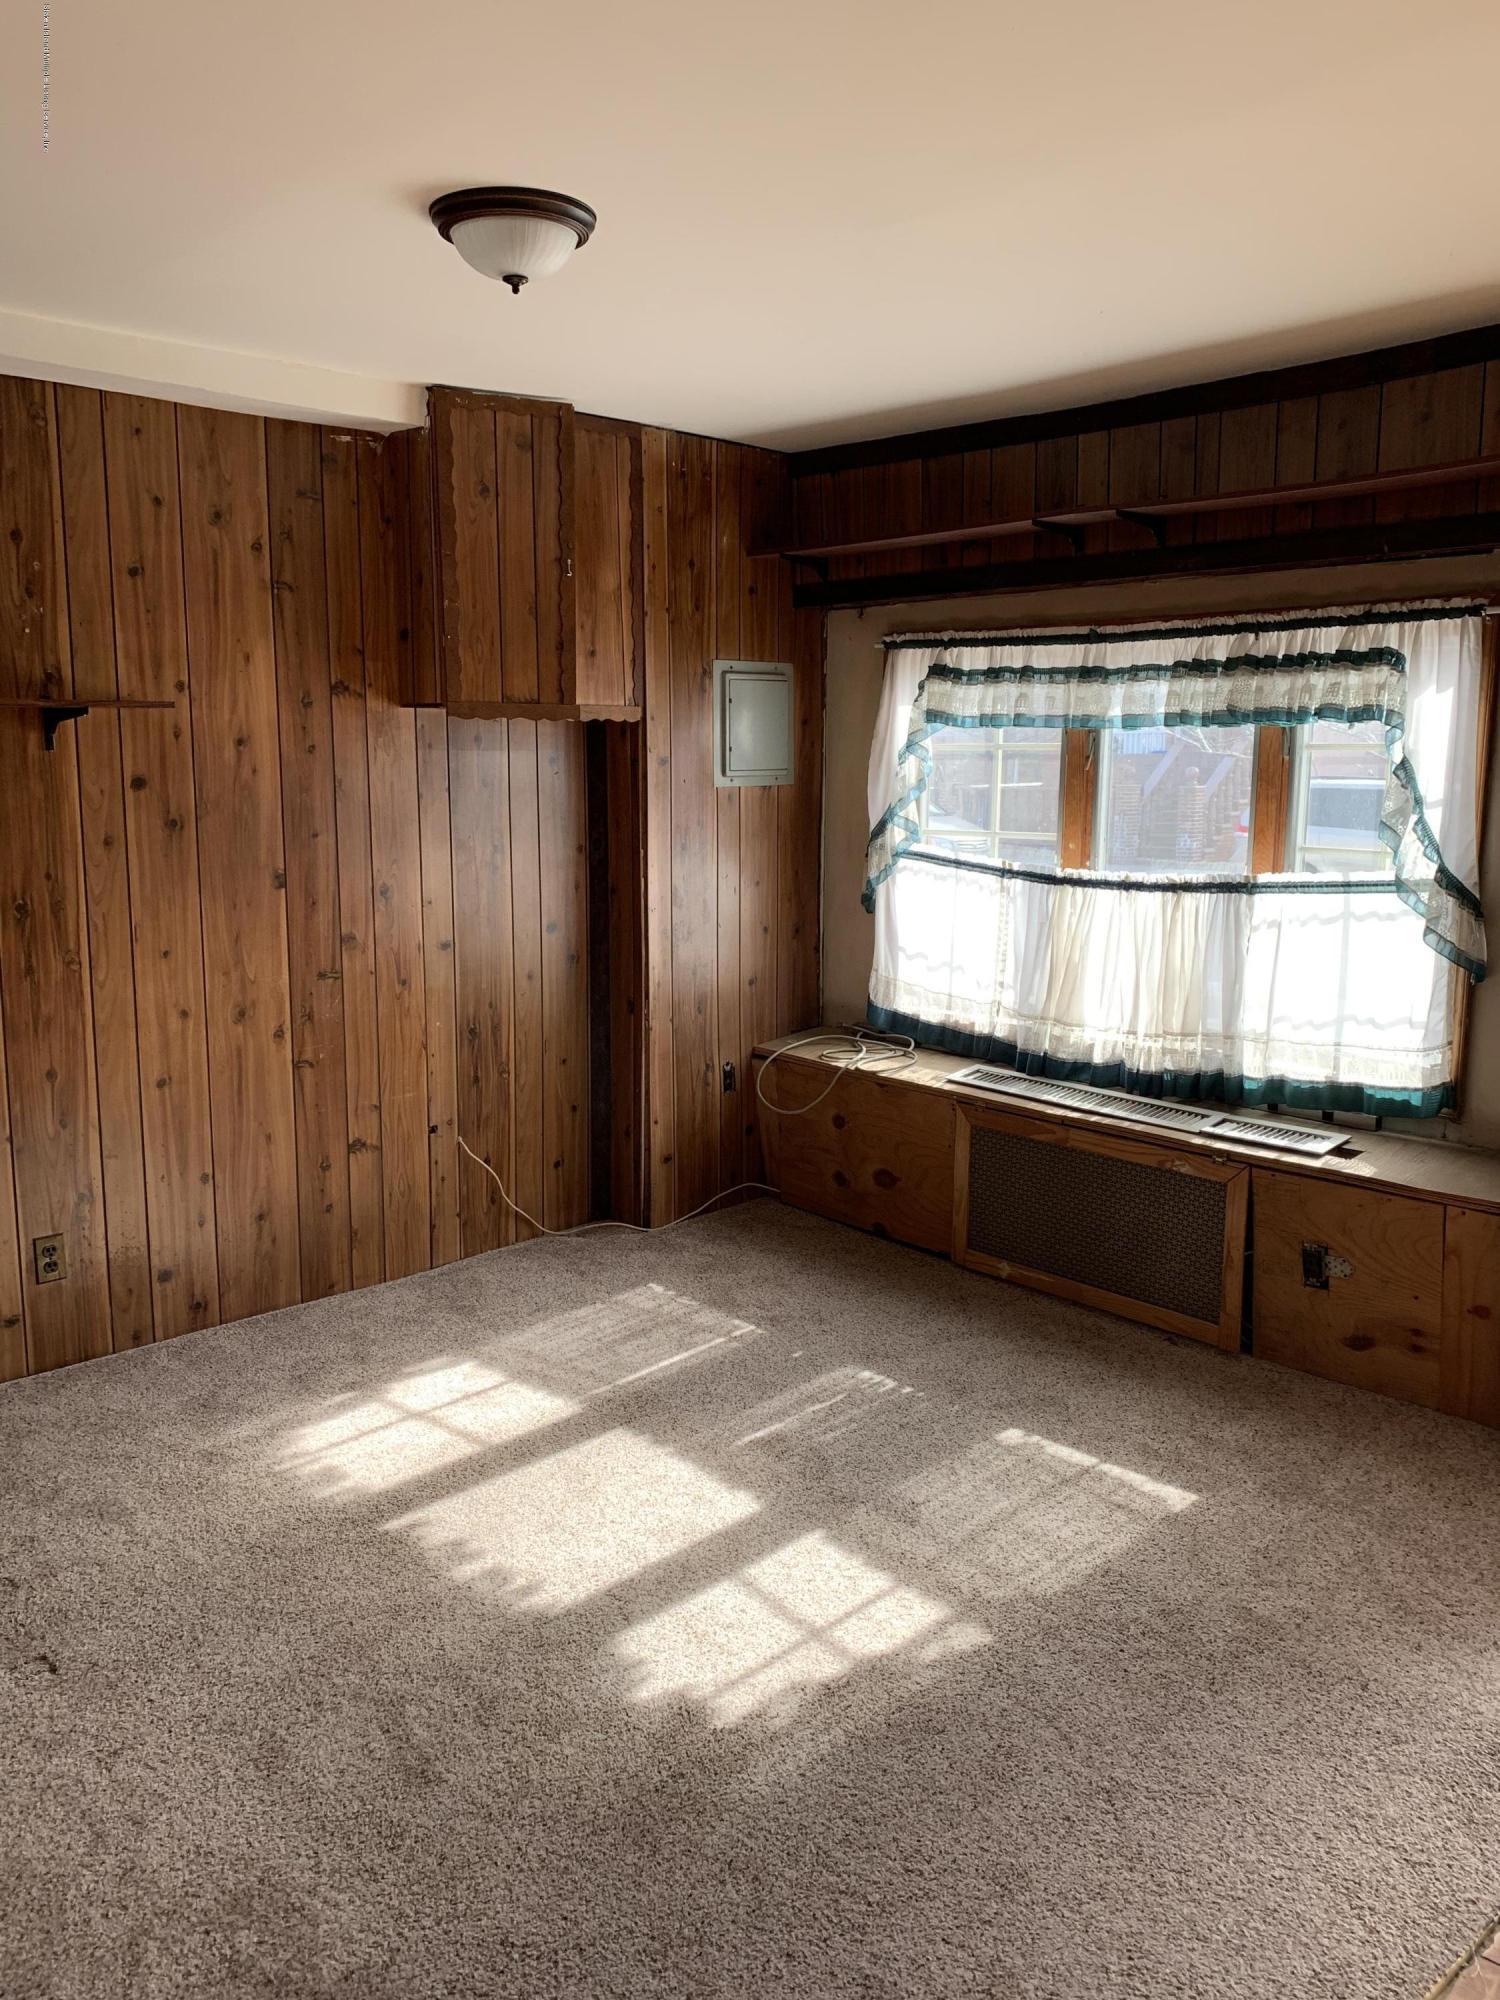 Single Family - Detached 152 Bay 53rd Street  Brooklyn, NY 11214, MLS-1125954-10